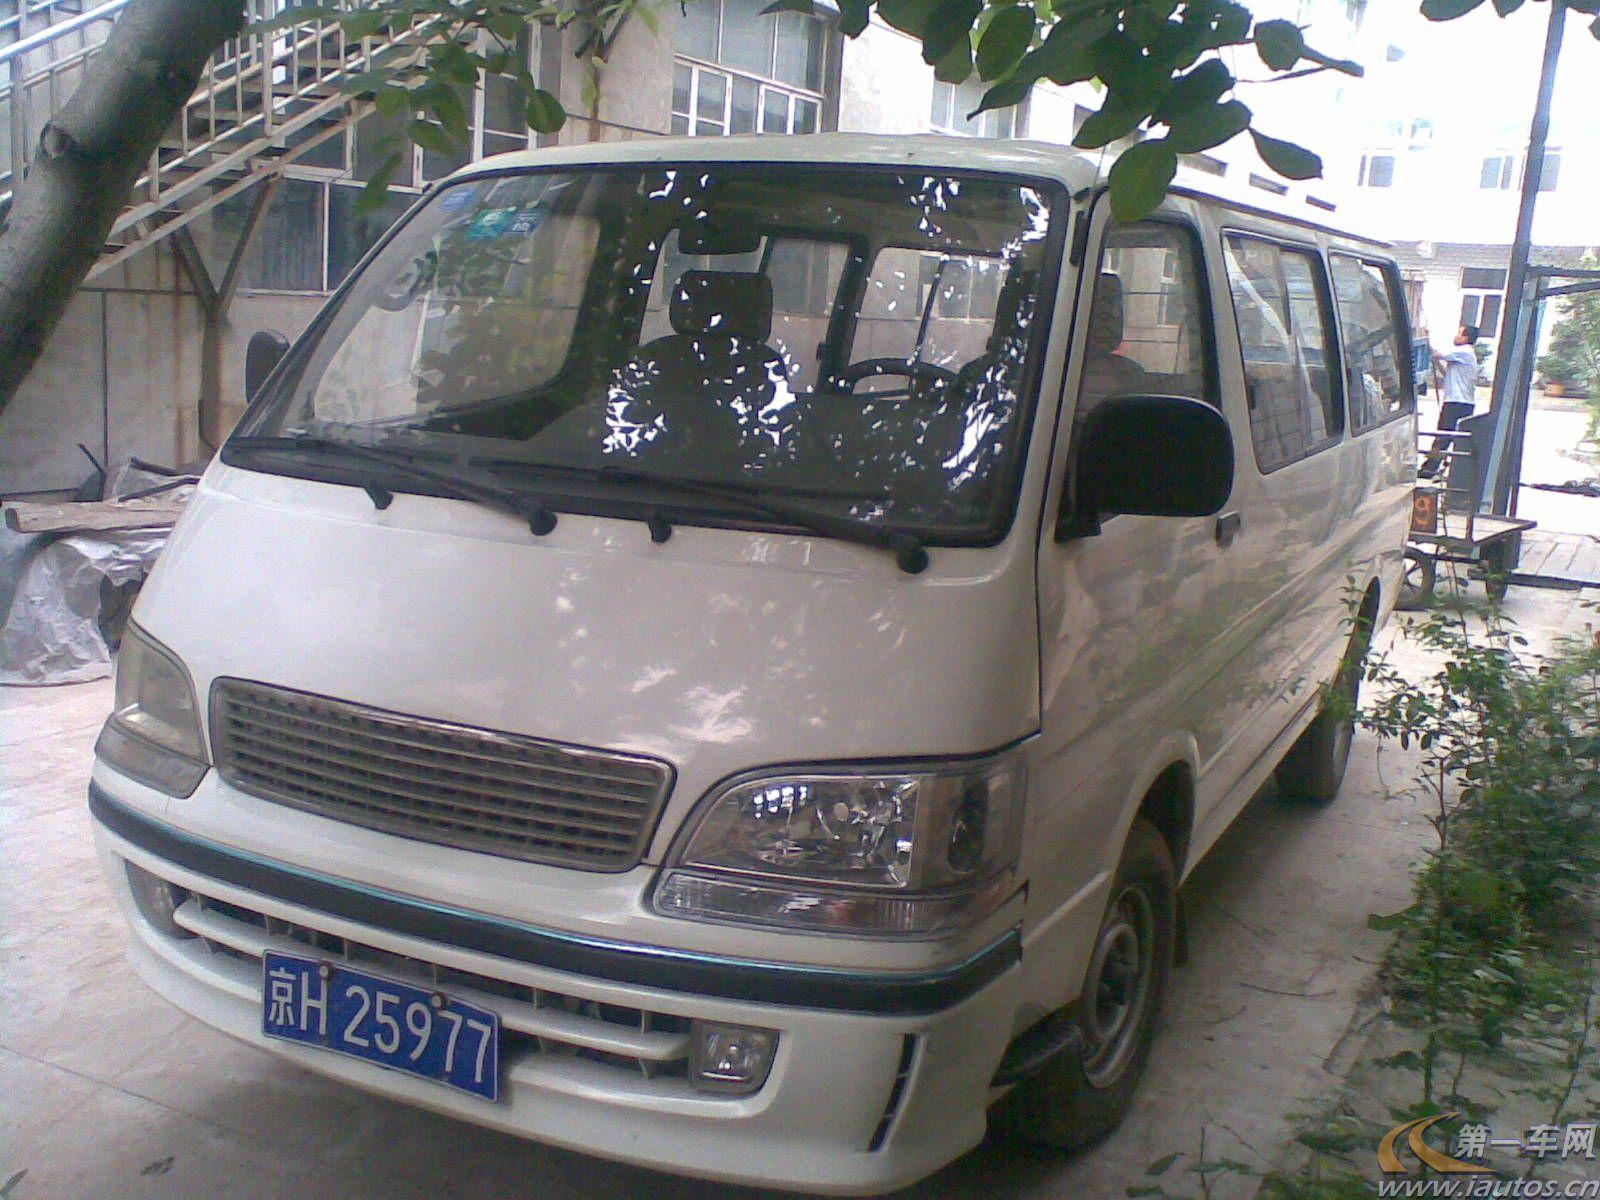 北京二手金杯海狮 04年北京二手金杯海狮高清图片